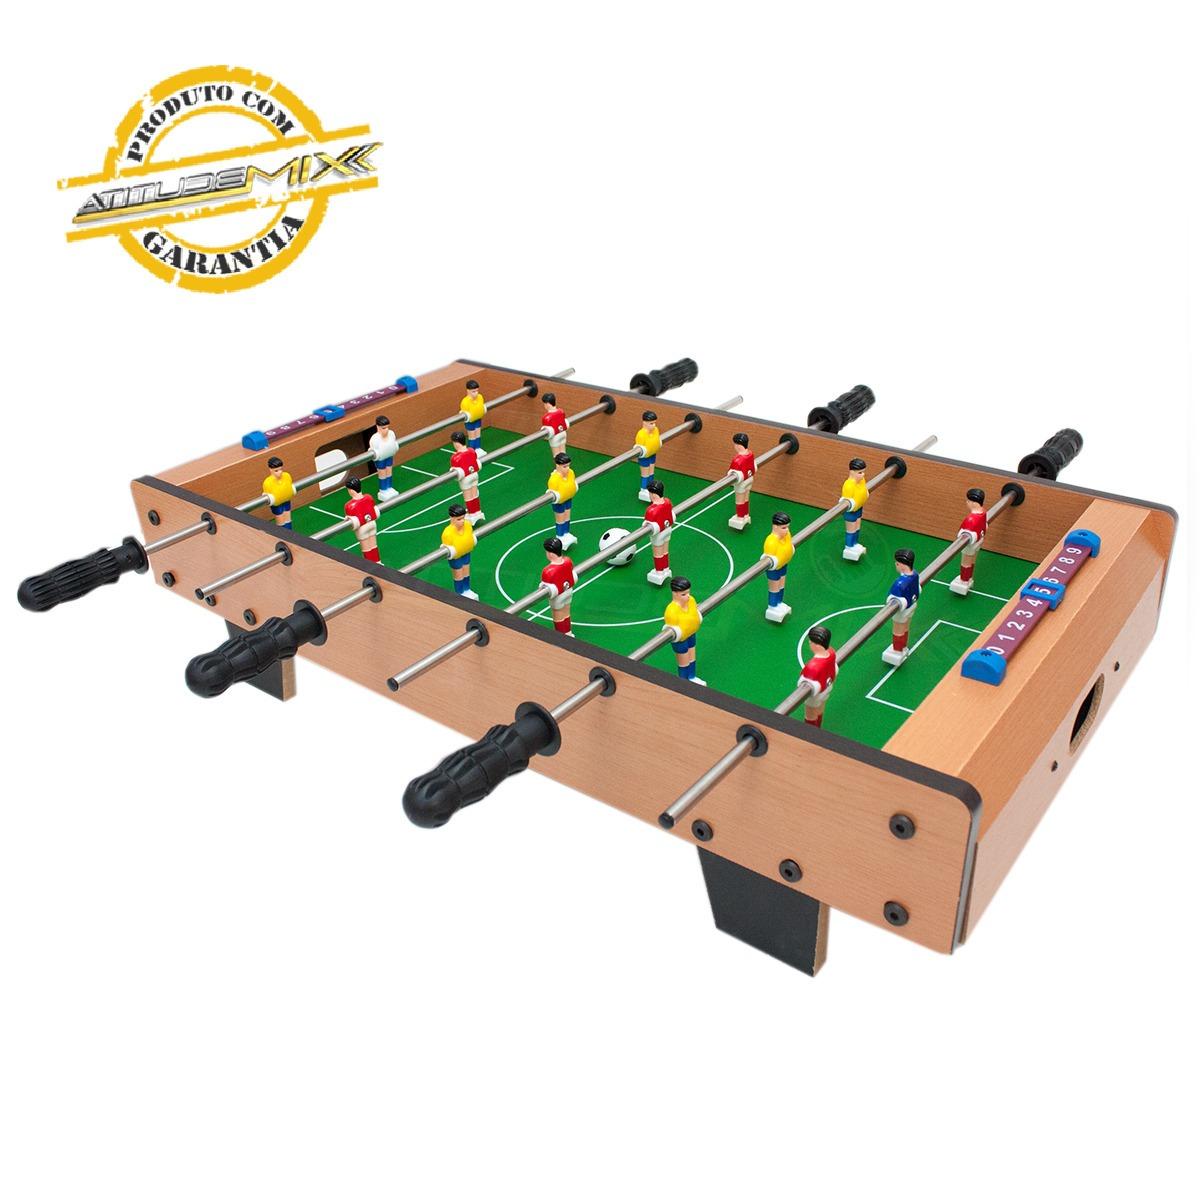 Mini Mesa Pebolim Totó Futebol 18 Jogadores Compacto Mdf - R  149 e7d87be0bb089